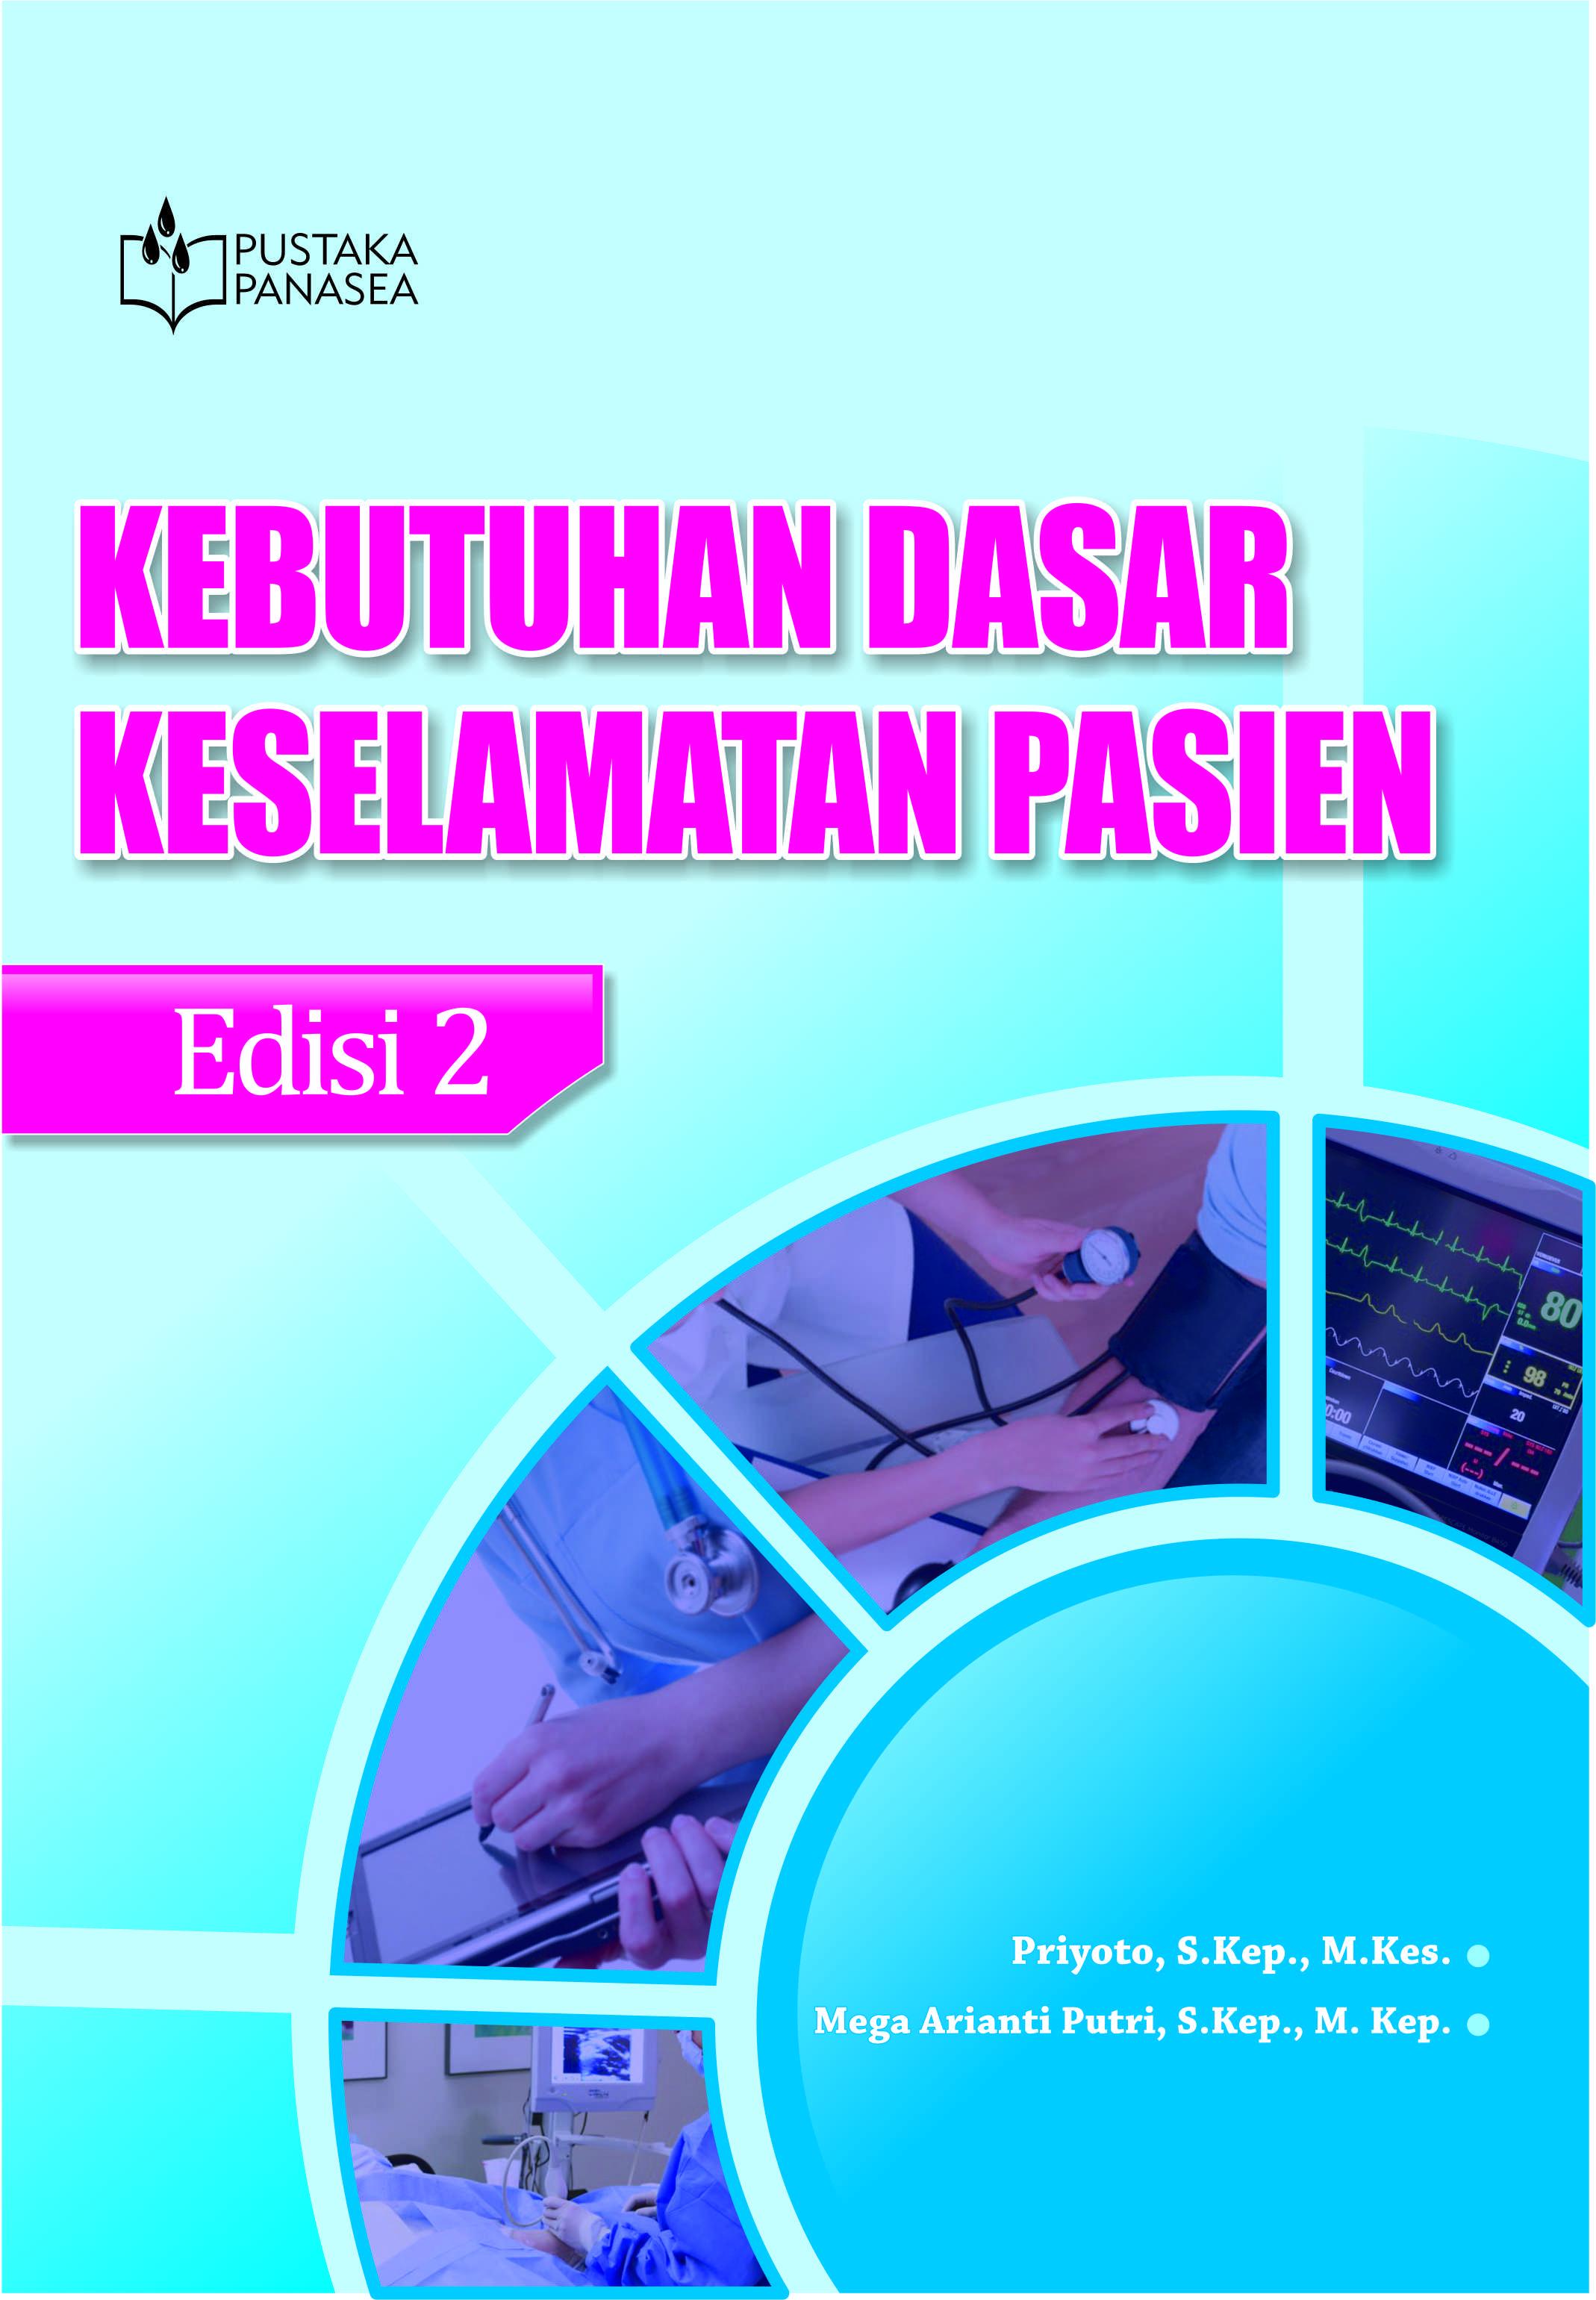 Kebutuhan Dasar Keselamatan Pasien Edisi 2